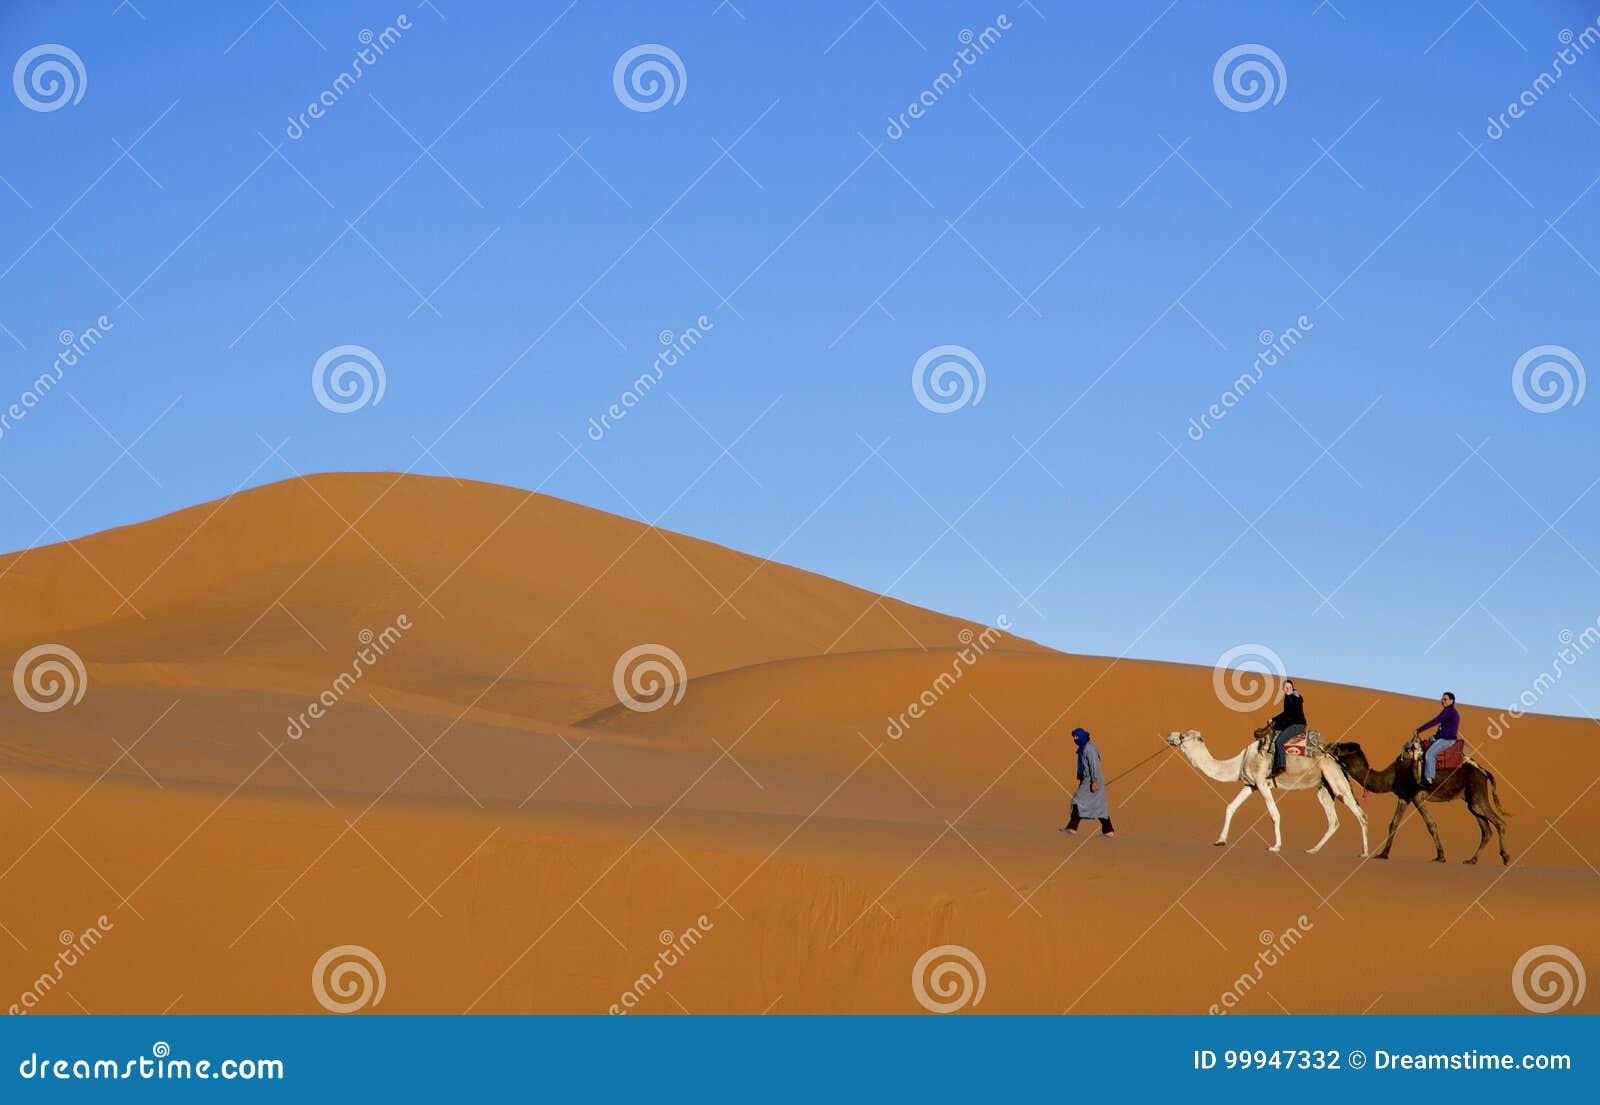 Arabskiego mężczyzna wiodący turyści na dwa wielbłądach wzdłuż pustynnych piasek diun z niebieskiego nieba tłem